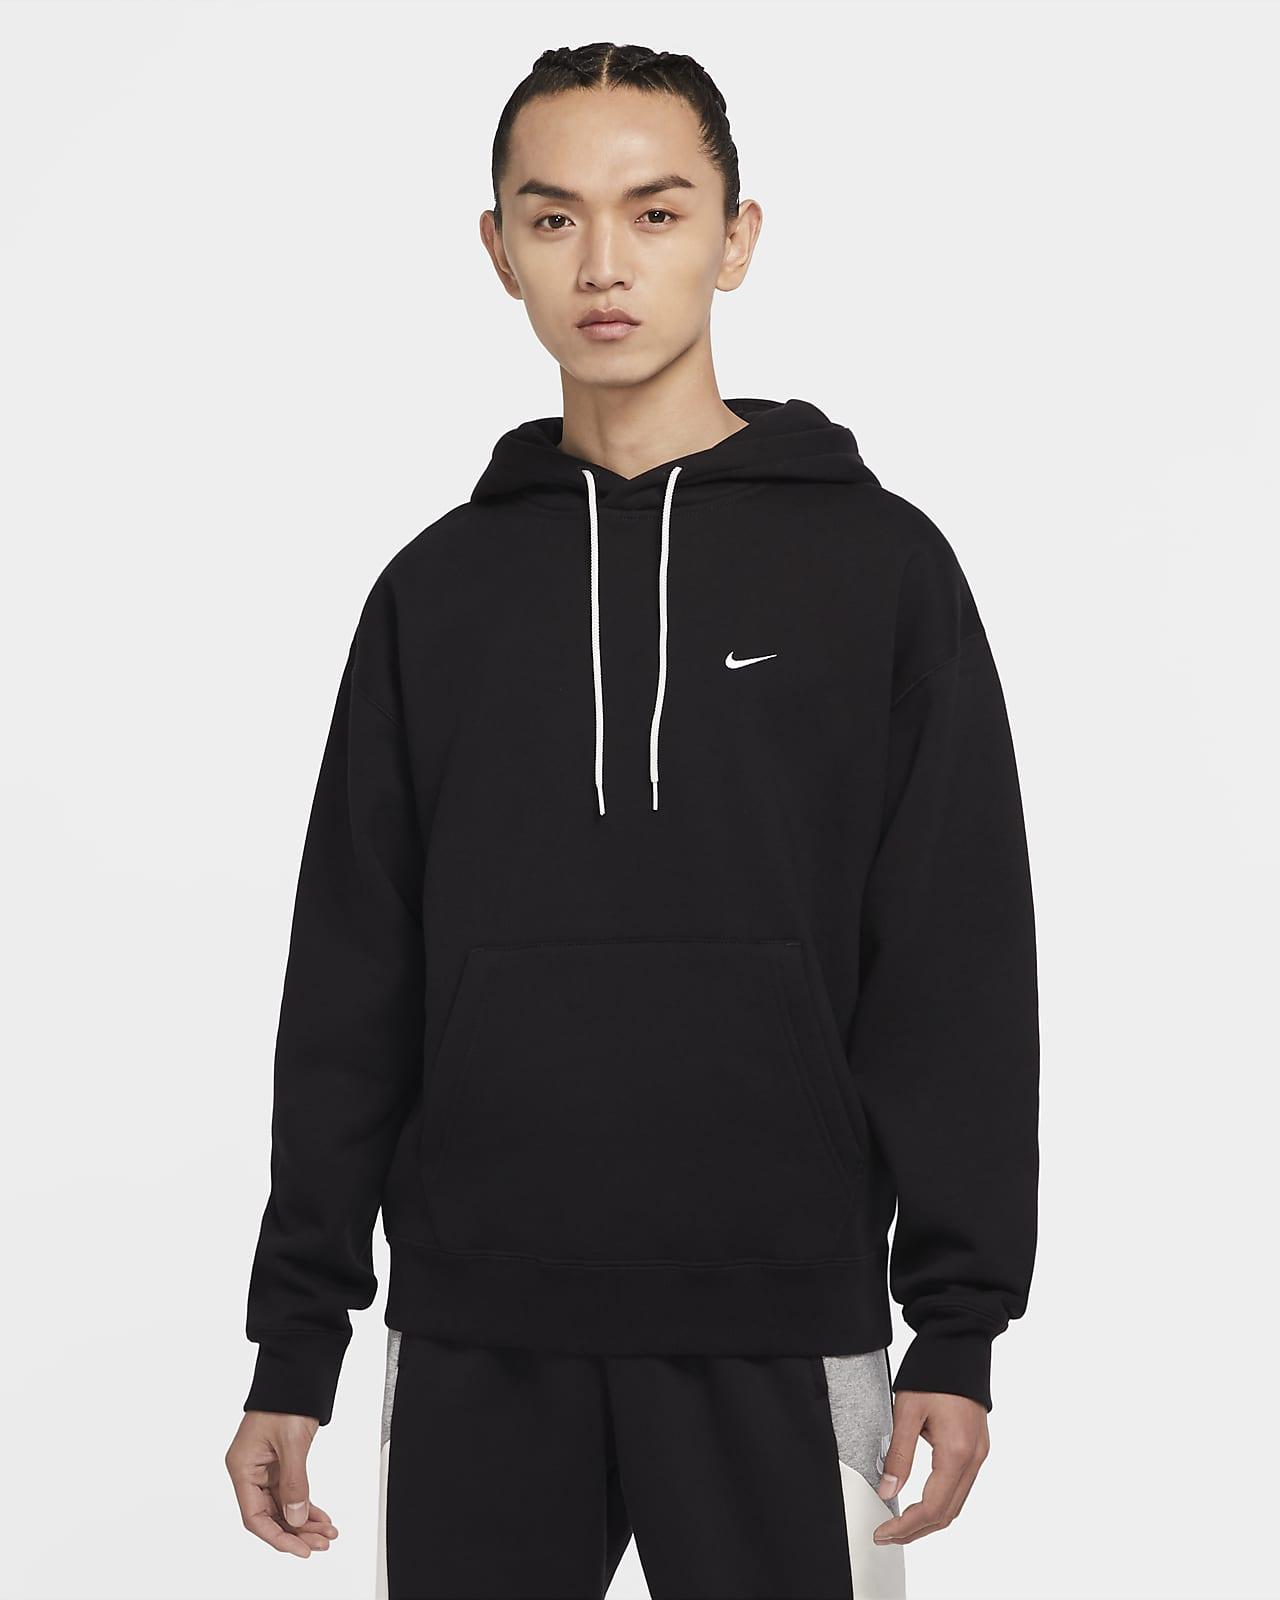 เสื้อมีฮู้ดผ้าฟลีซผู้ชาย NikeLab